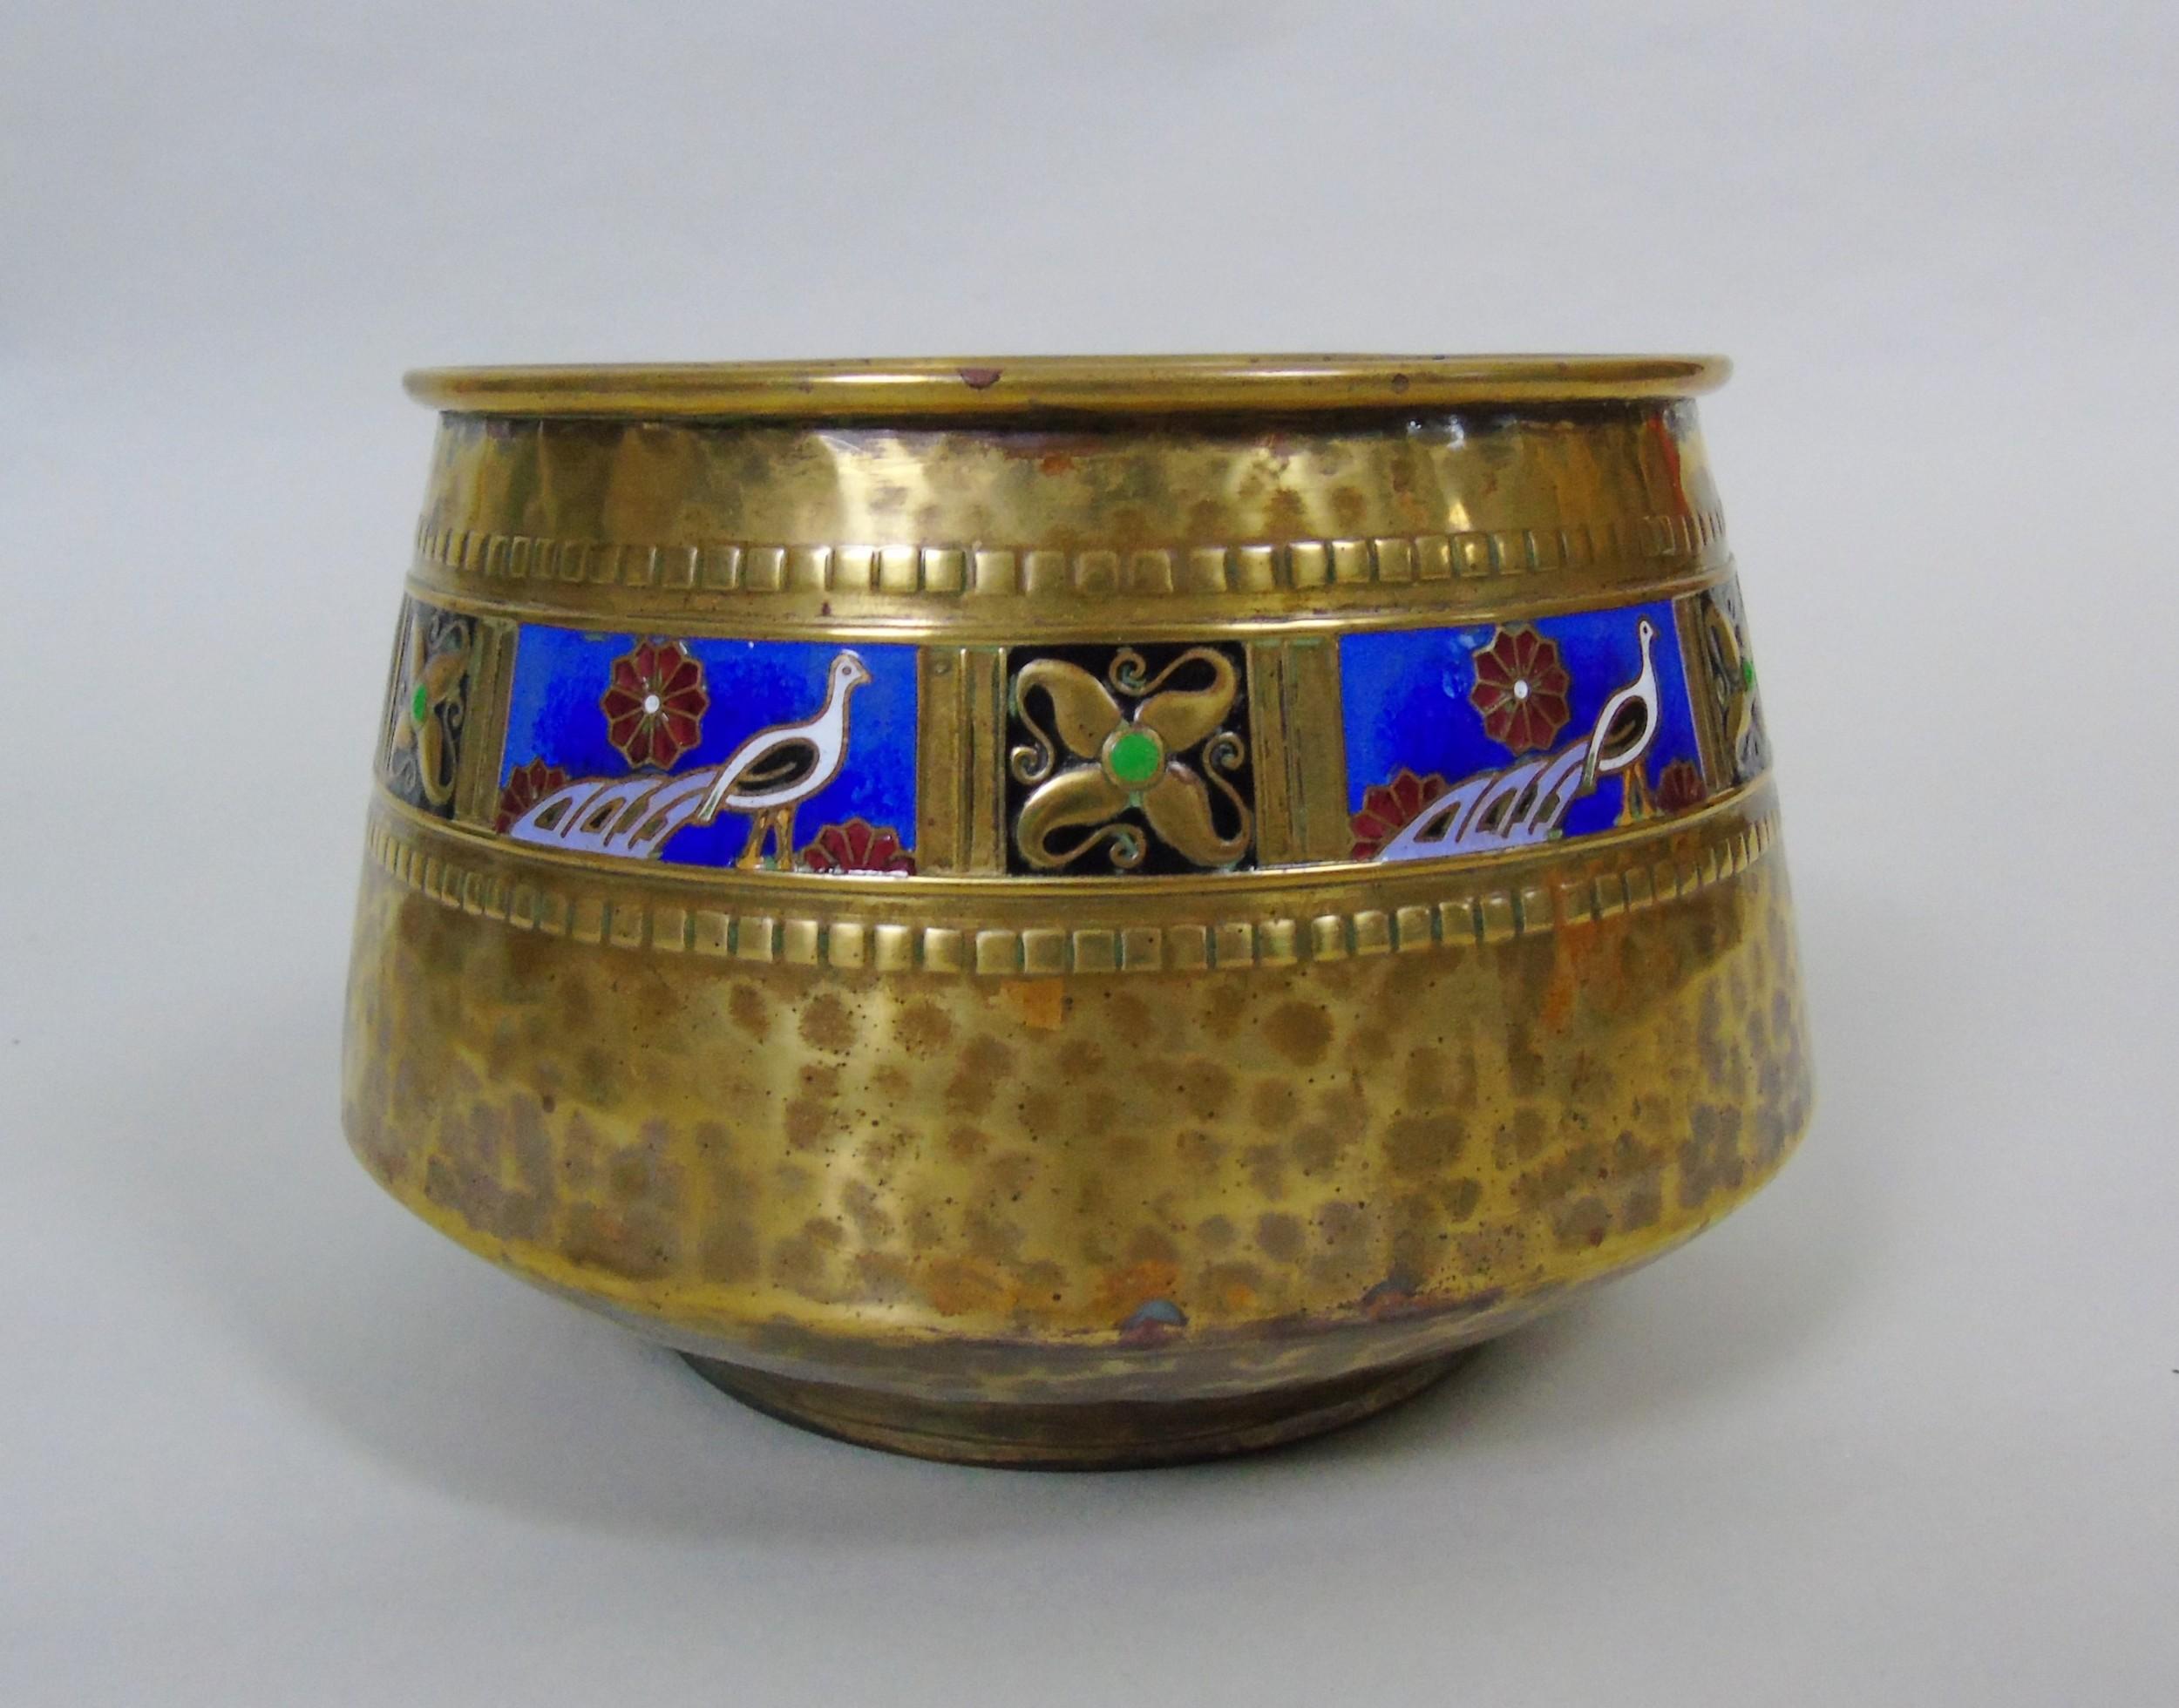 wmf art nouveau planished brass enamel planter jardiniere albert meyer